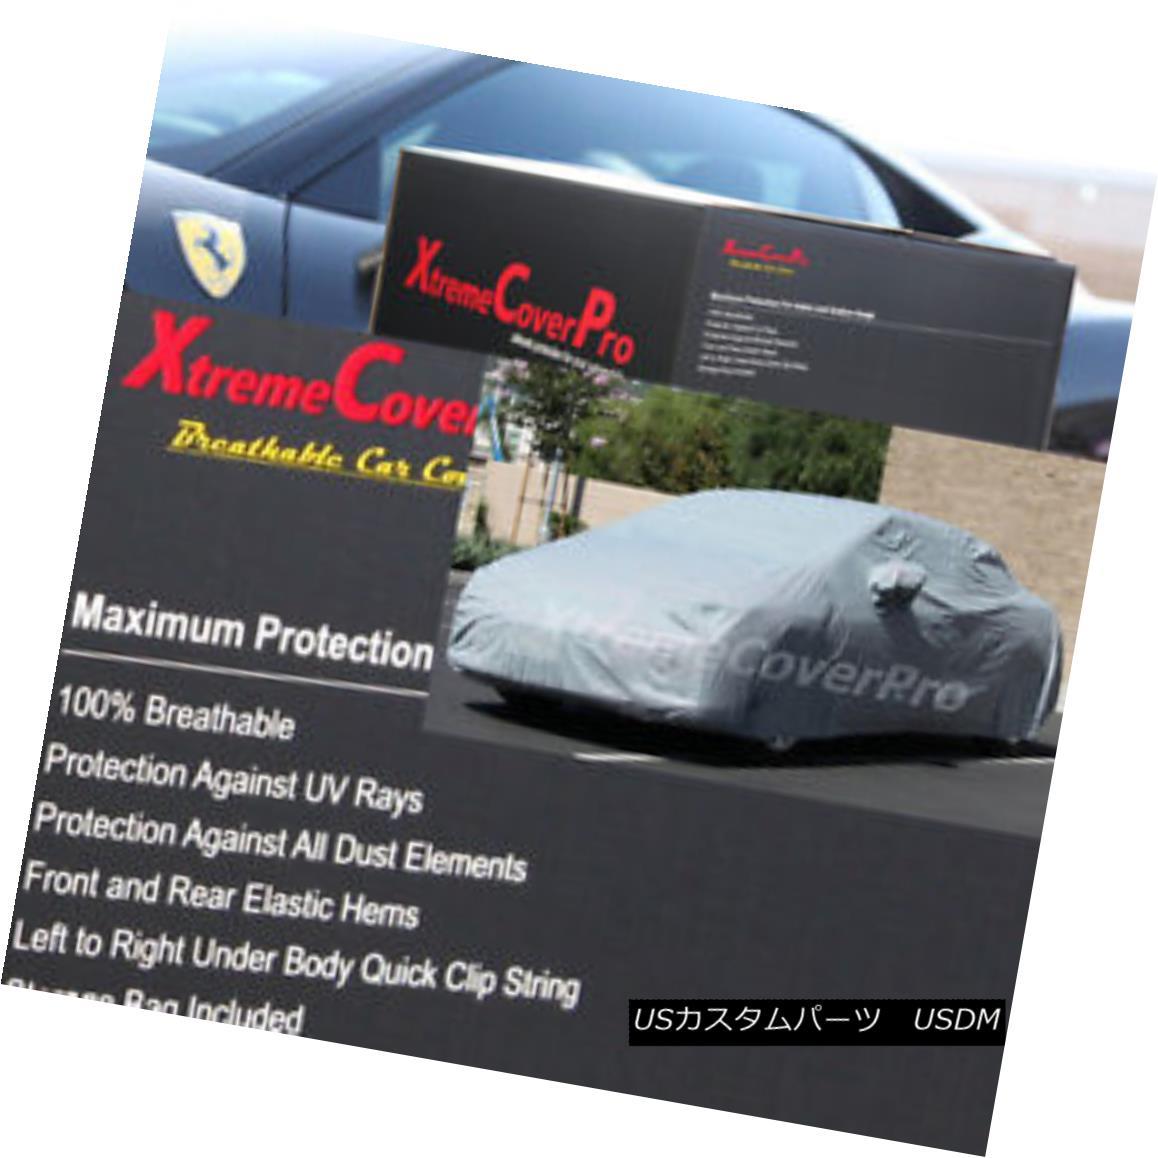 カーカバー 2015 CHRYSLER 200 Breathable Car Cover w/Mirror Pockets - Gray 2015 CHRYSLER 200通気性のある車カバー付き/ミラーポケット - グレー